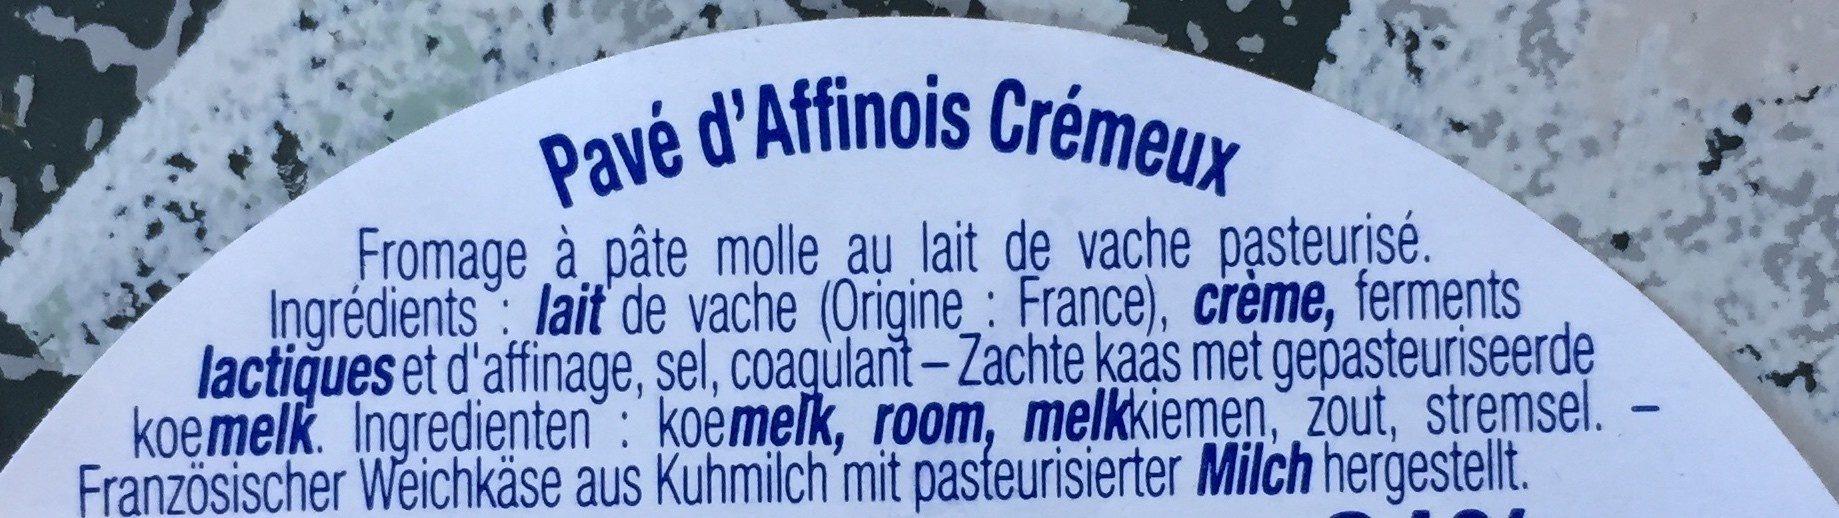 Pavé d'Affinois crêmeux - Ingredientes - es